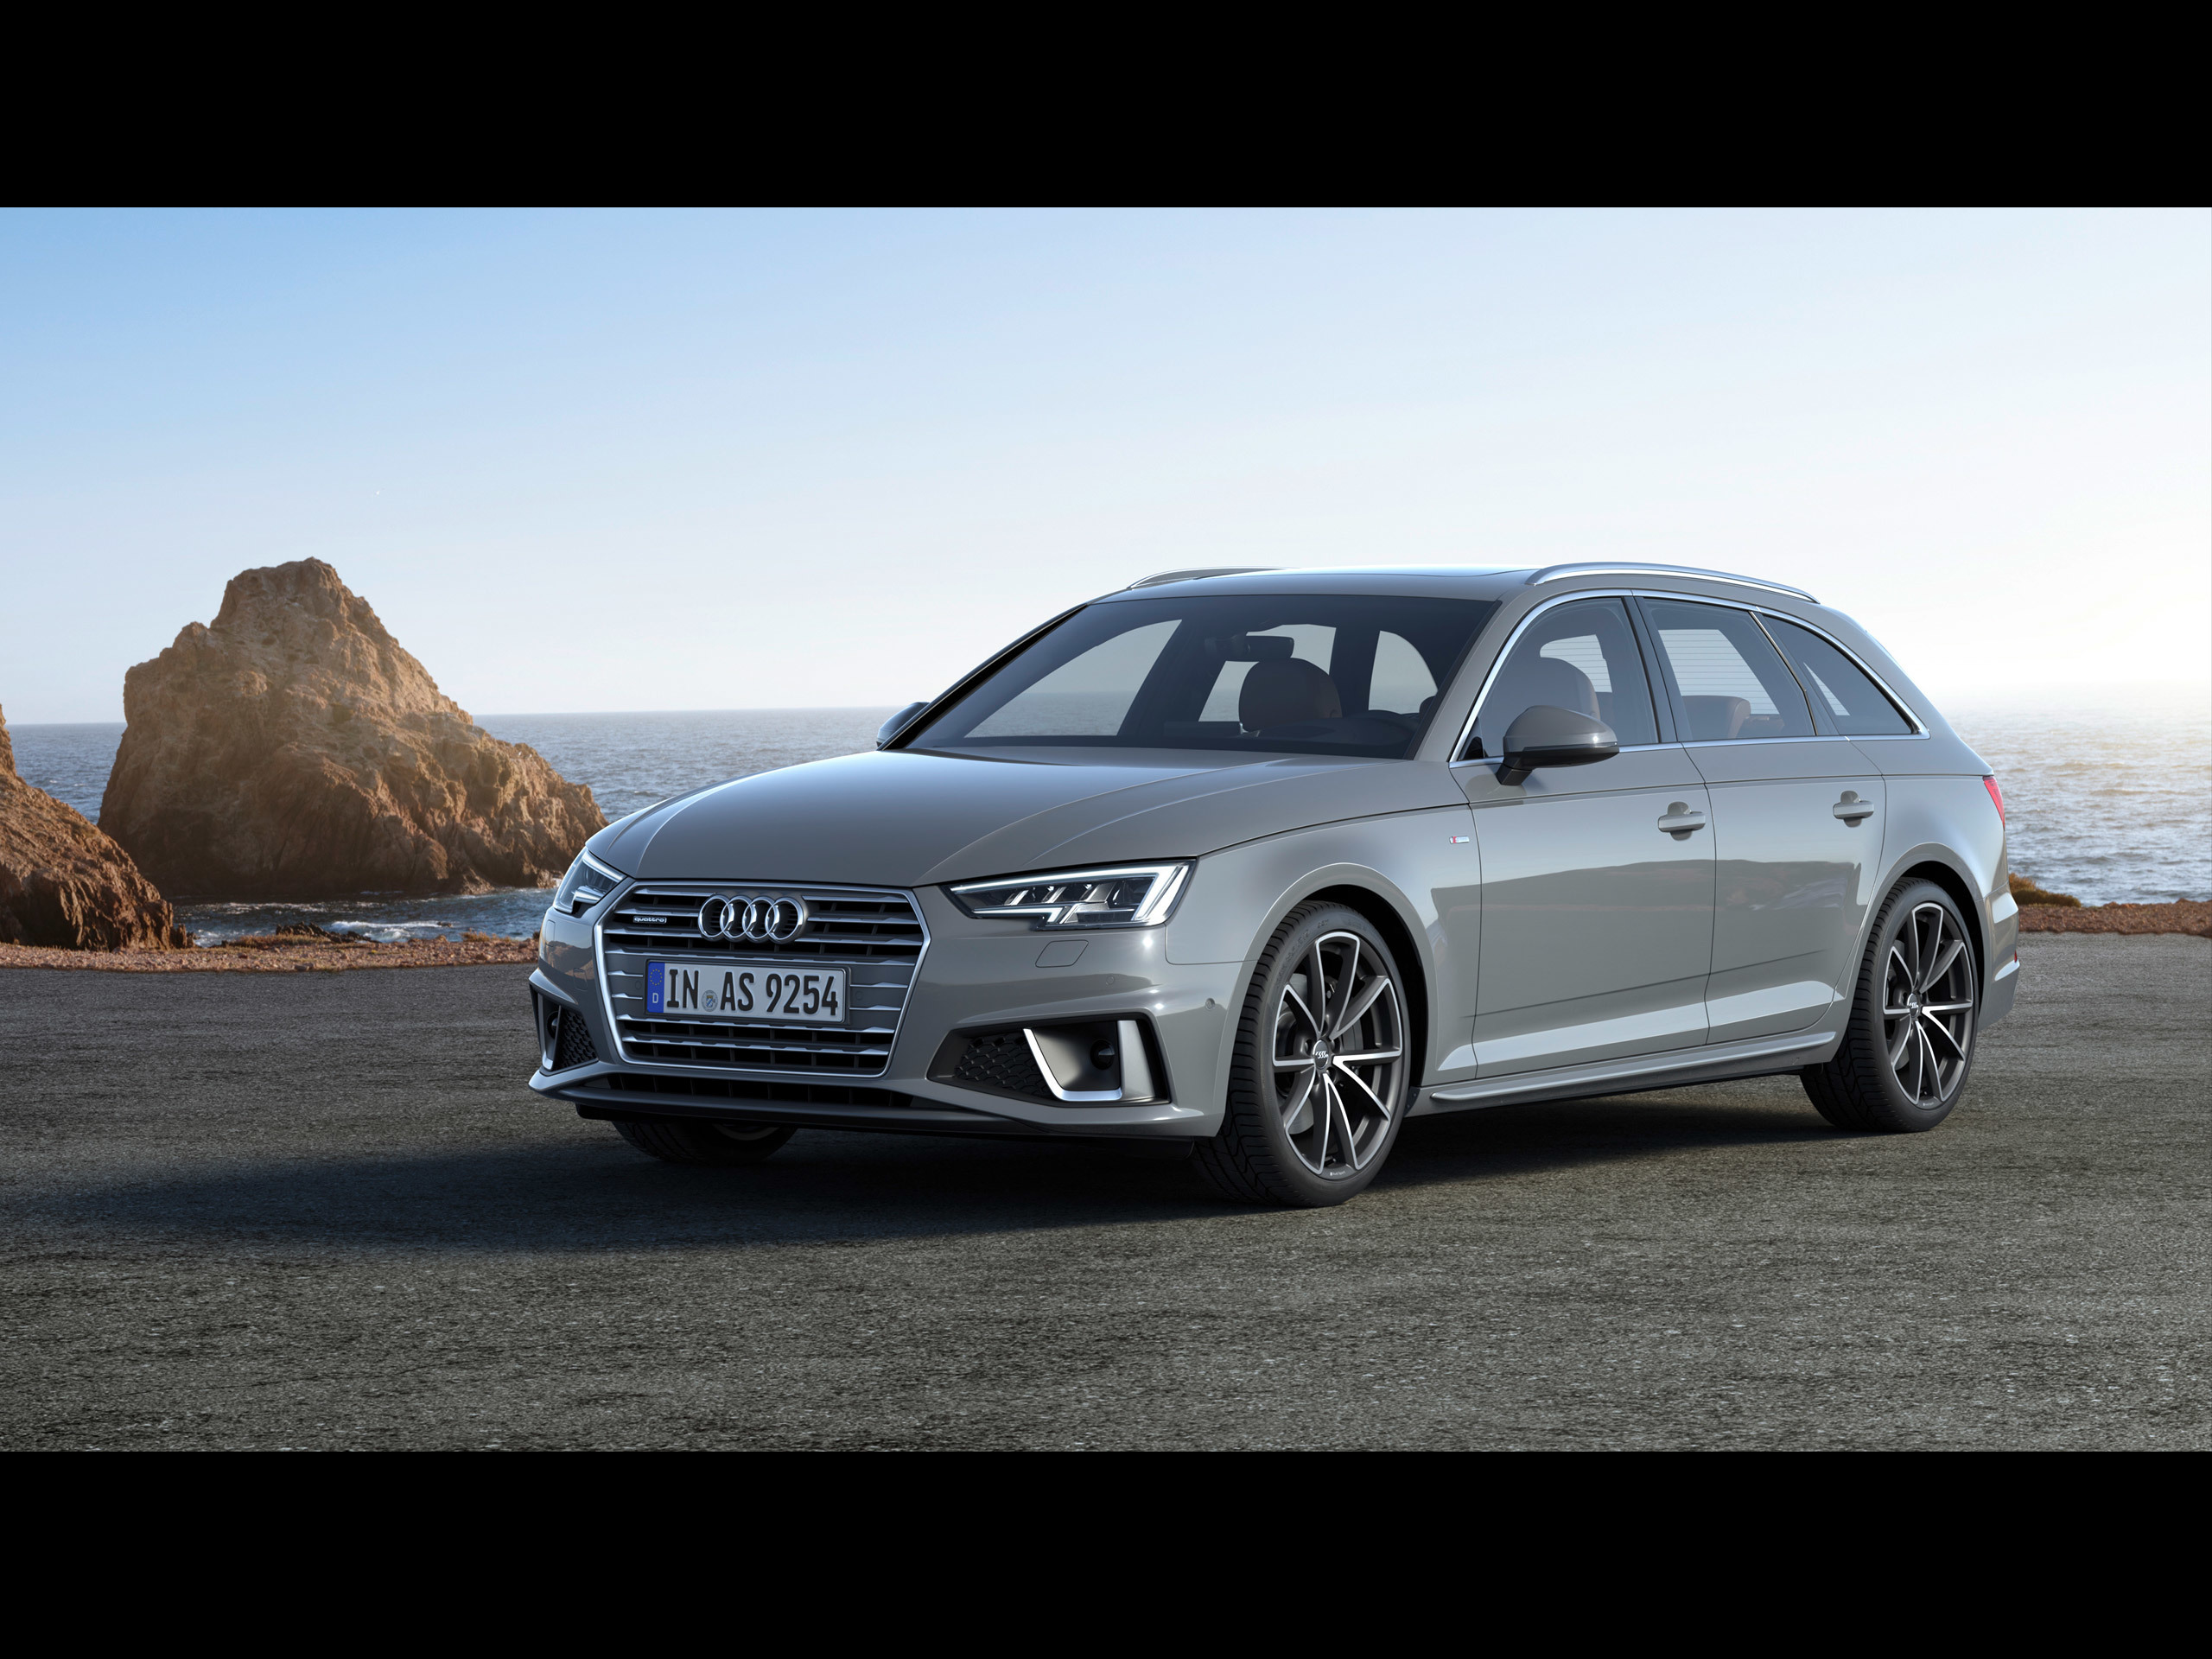 Audi A4 Avant 2019 アウディに嵌まる 壁紙画像ブログ